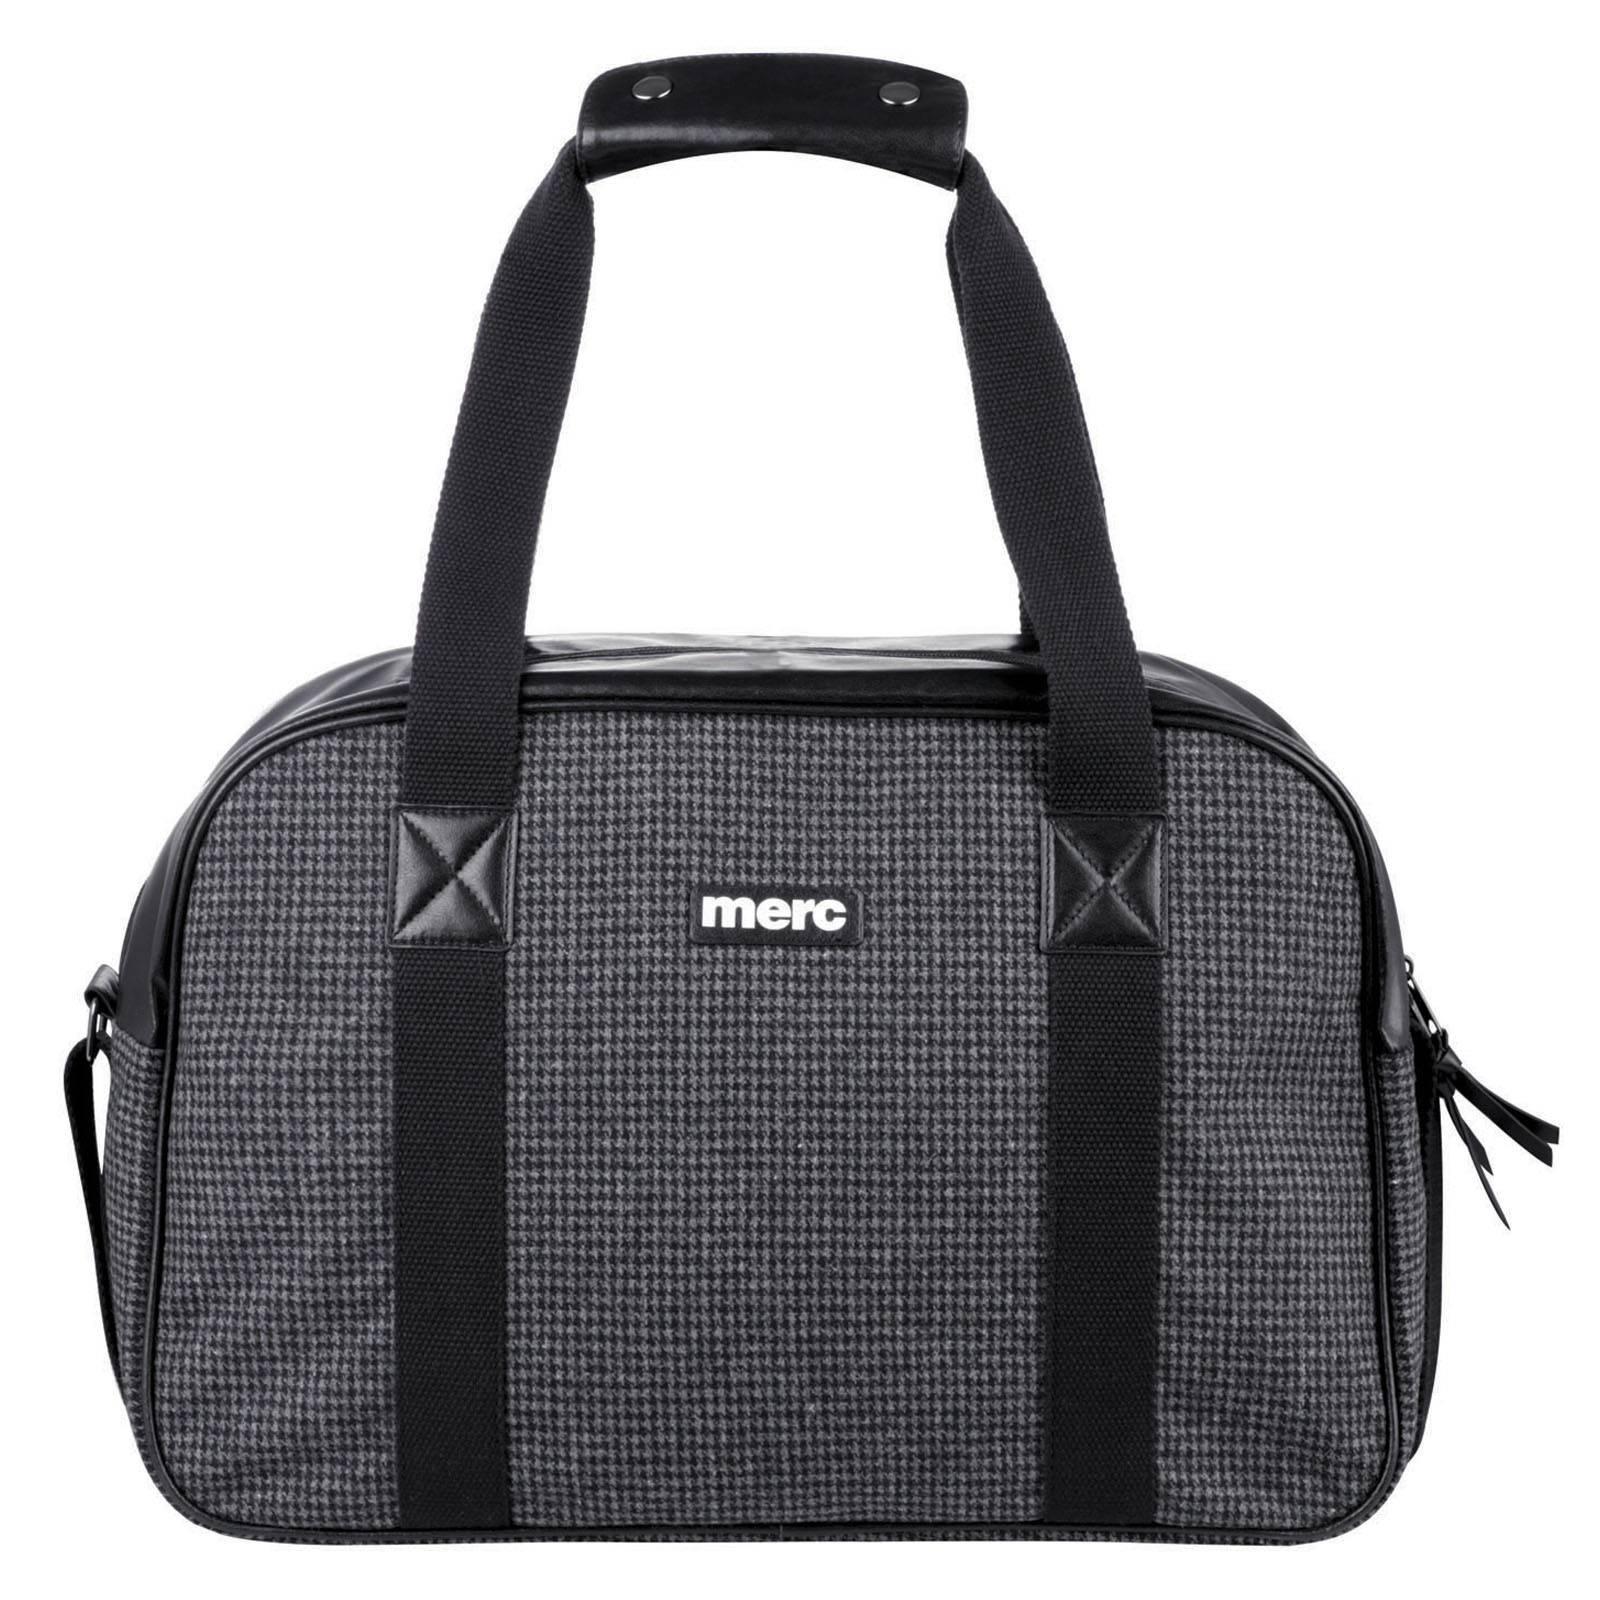 Сумка EganАксессуары<br>Вместительная дорожная сумка, которую можно использовать в поездках или для занятий спортом. Оснащена несъемным плечевым ремнем и удобными ручками удлиненного формата. Имеет одно основное отделение и небольшой внутренний карман для мелочевки. Размеры: Д х В х Ш 45 х 30 х 20 см<br><br>Артикул: 1013208<br>Материал: 100% хлопок<br>Цвет: черно-серая гусиная лапка<br>Пол: Мужской